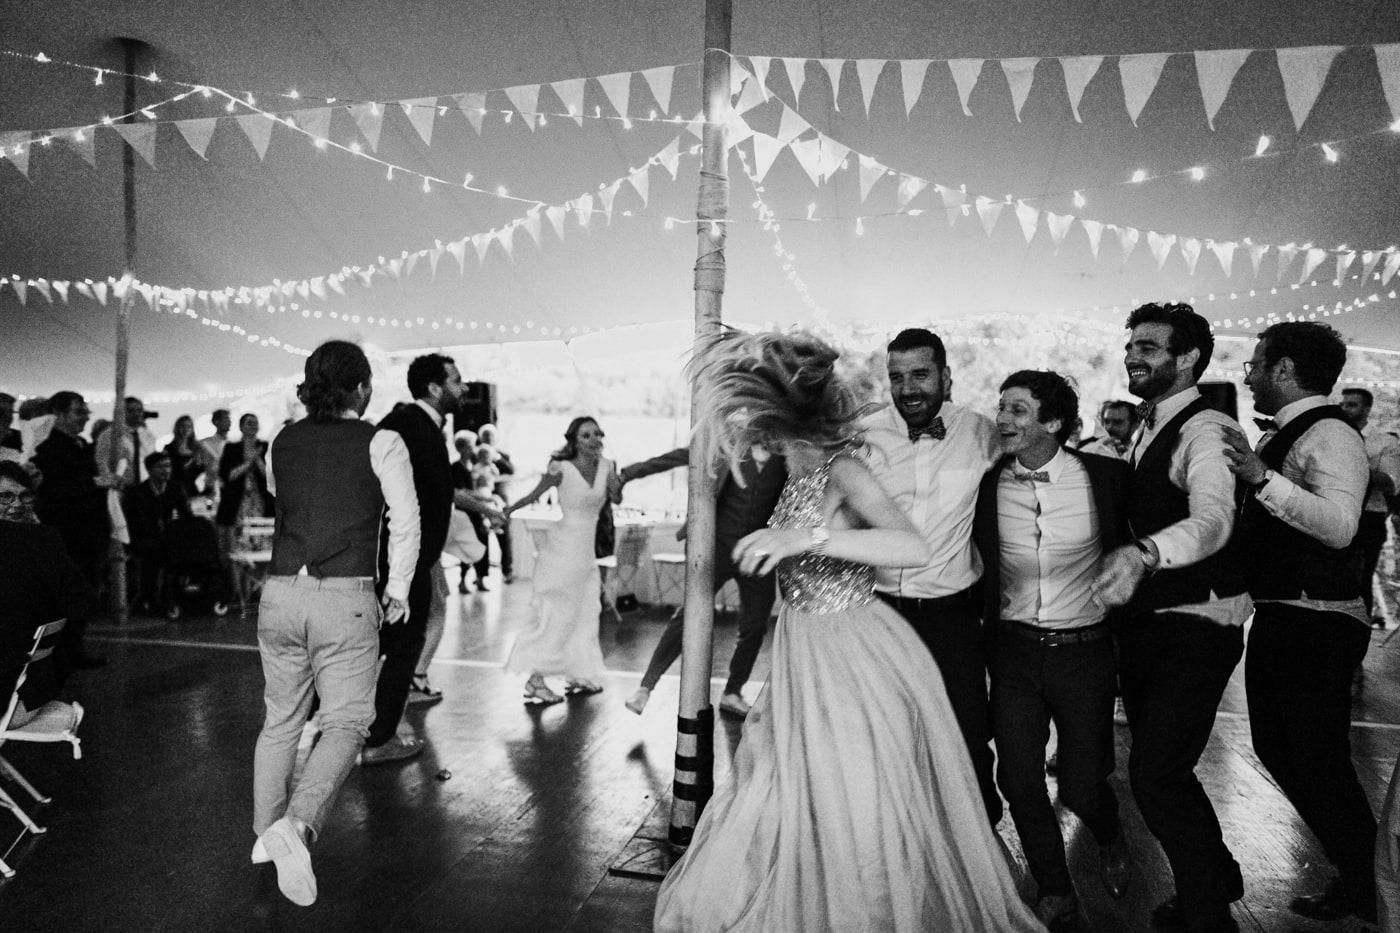 Soirée dansante de mariage sous le chapiteau au chateau du Griffon-Delphine Closse